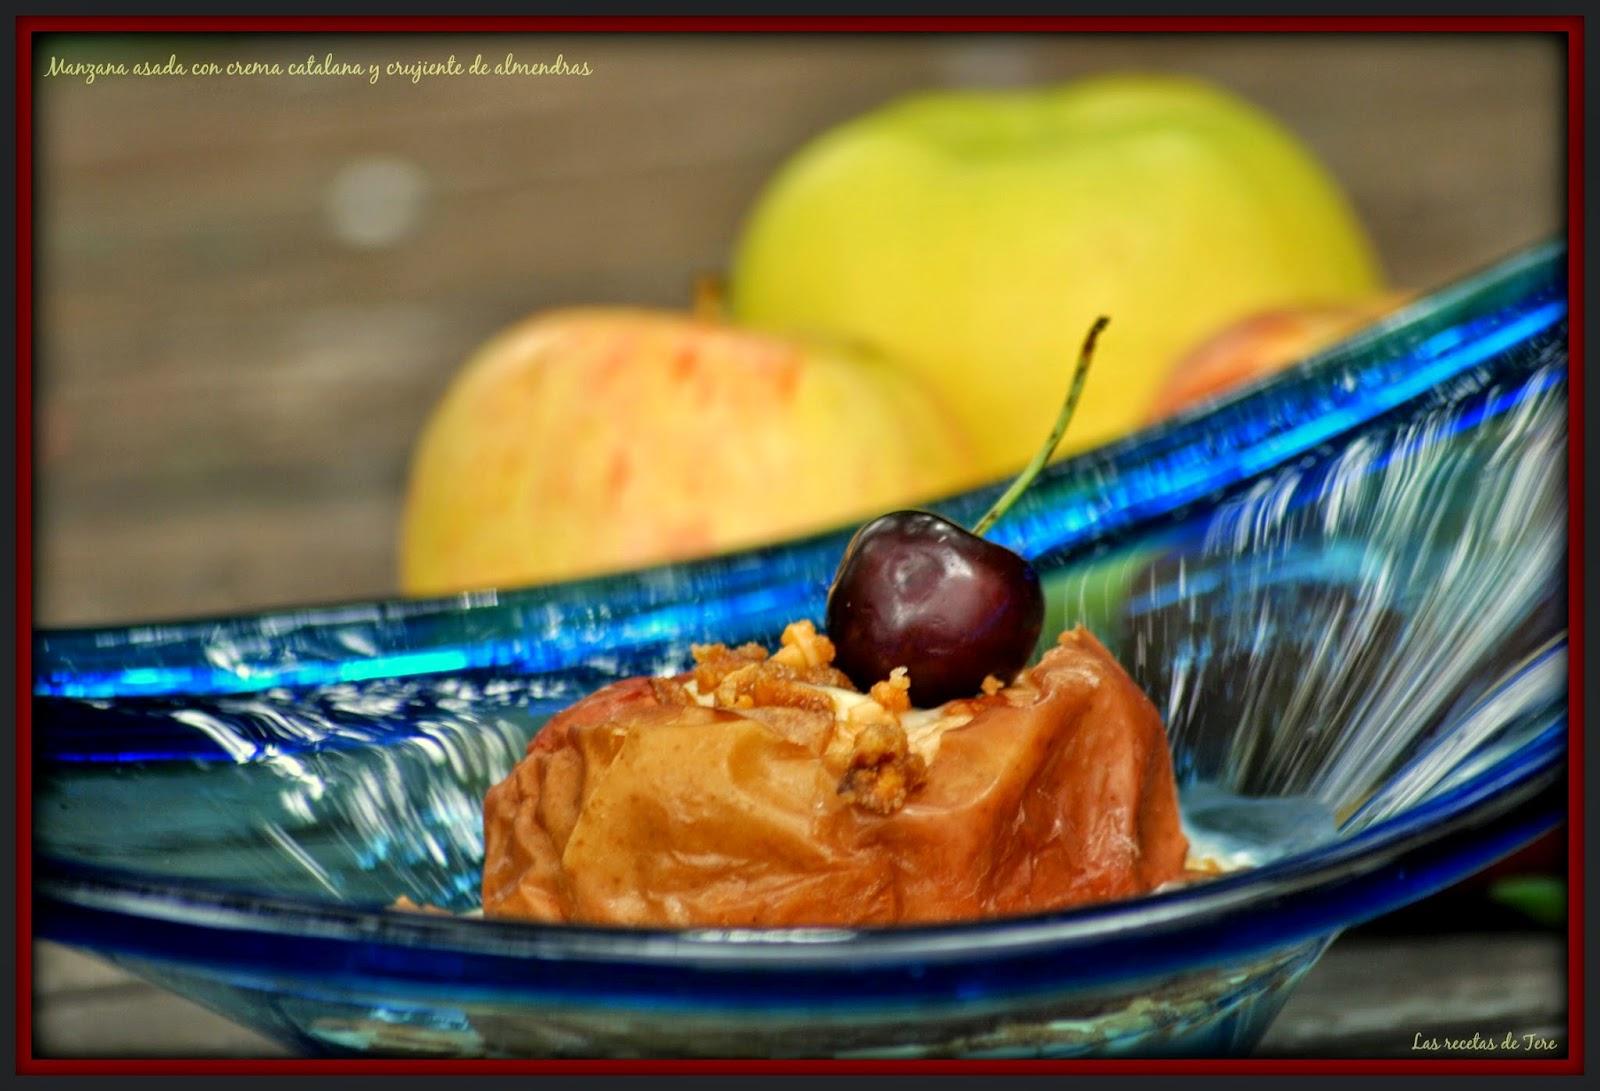 Manzana asada con crema catalana y crujiente de almendras 05